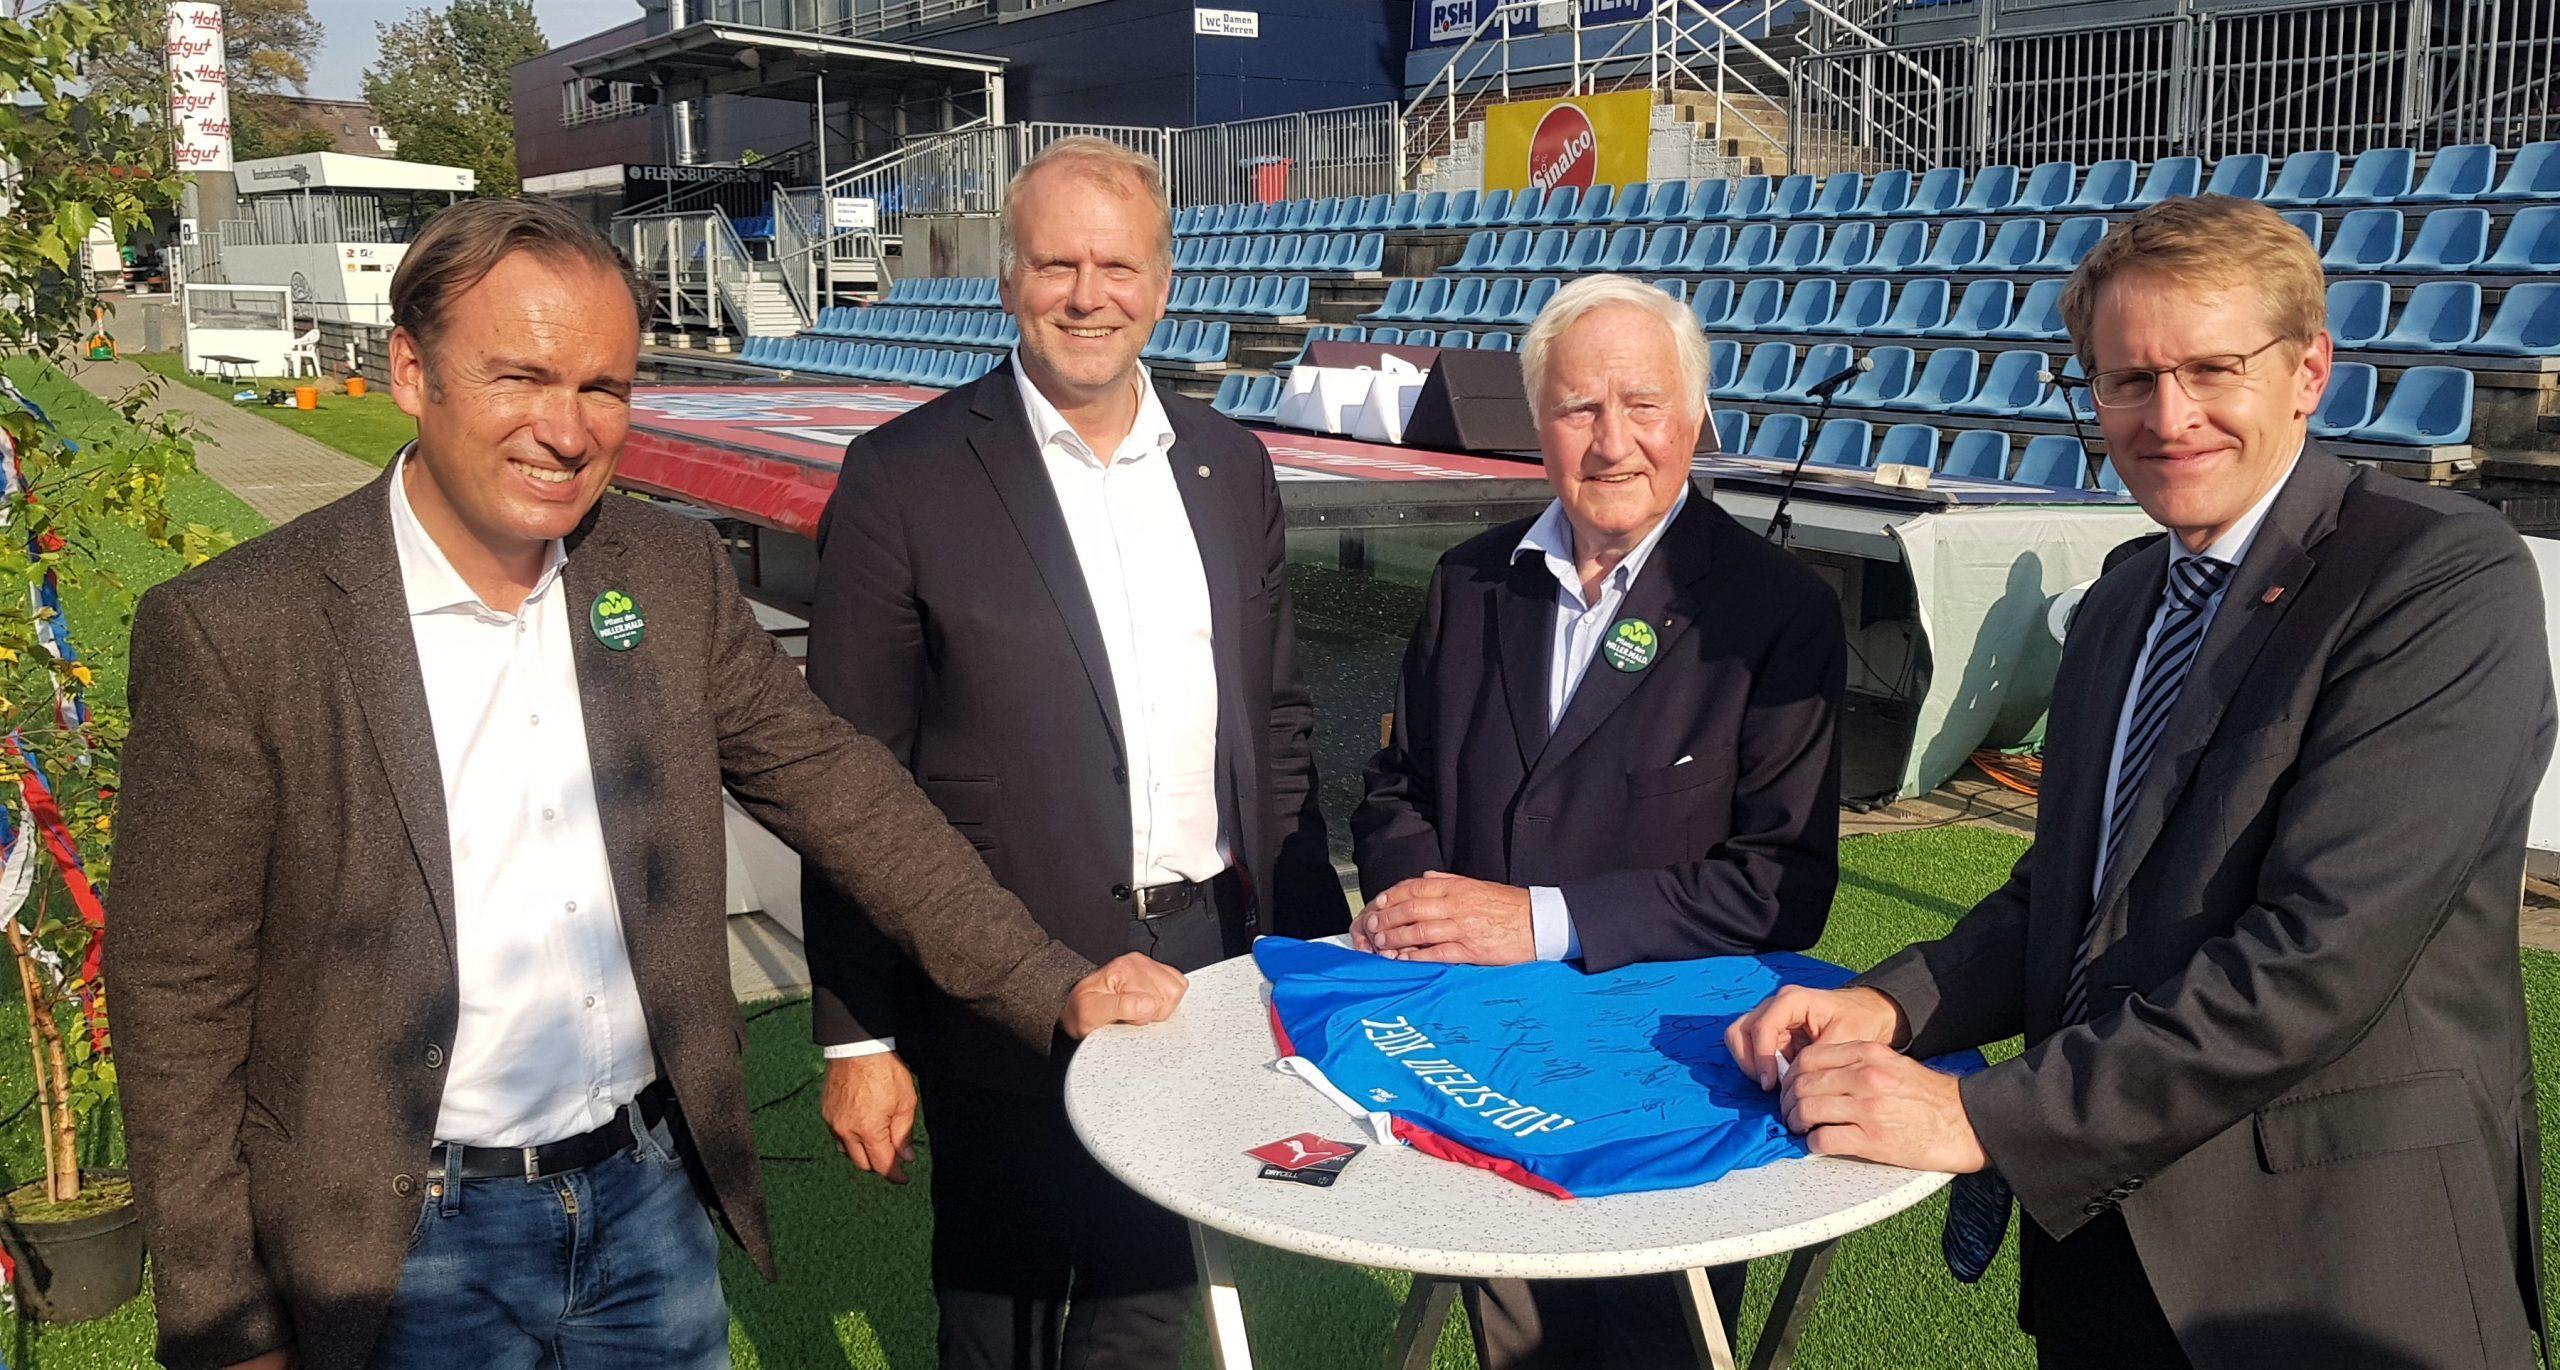 20200915 Niesing Schwenke Willer und Günther mit Holstein Trikot